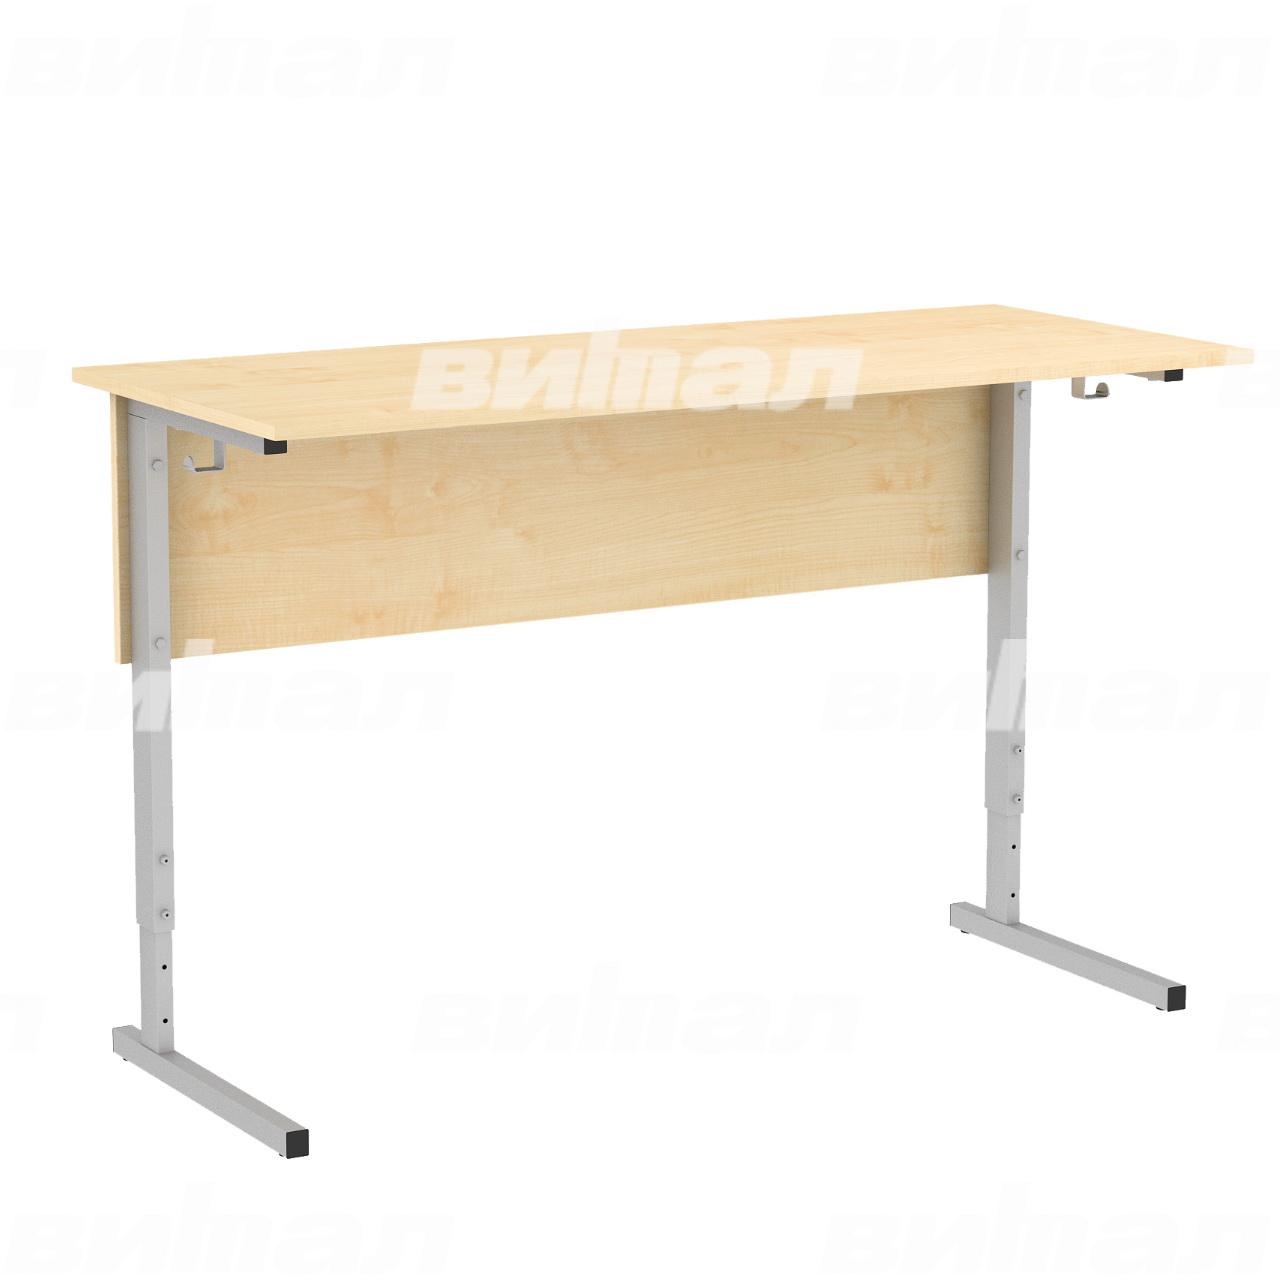 Стол ученический 2-местный регулируемый (гр. 2-4, 3-5 или 4-6) серый Клен 3-5 Меламин